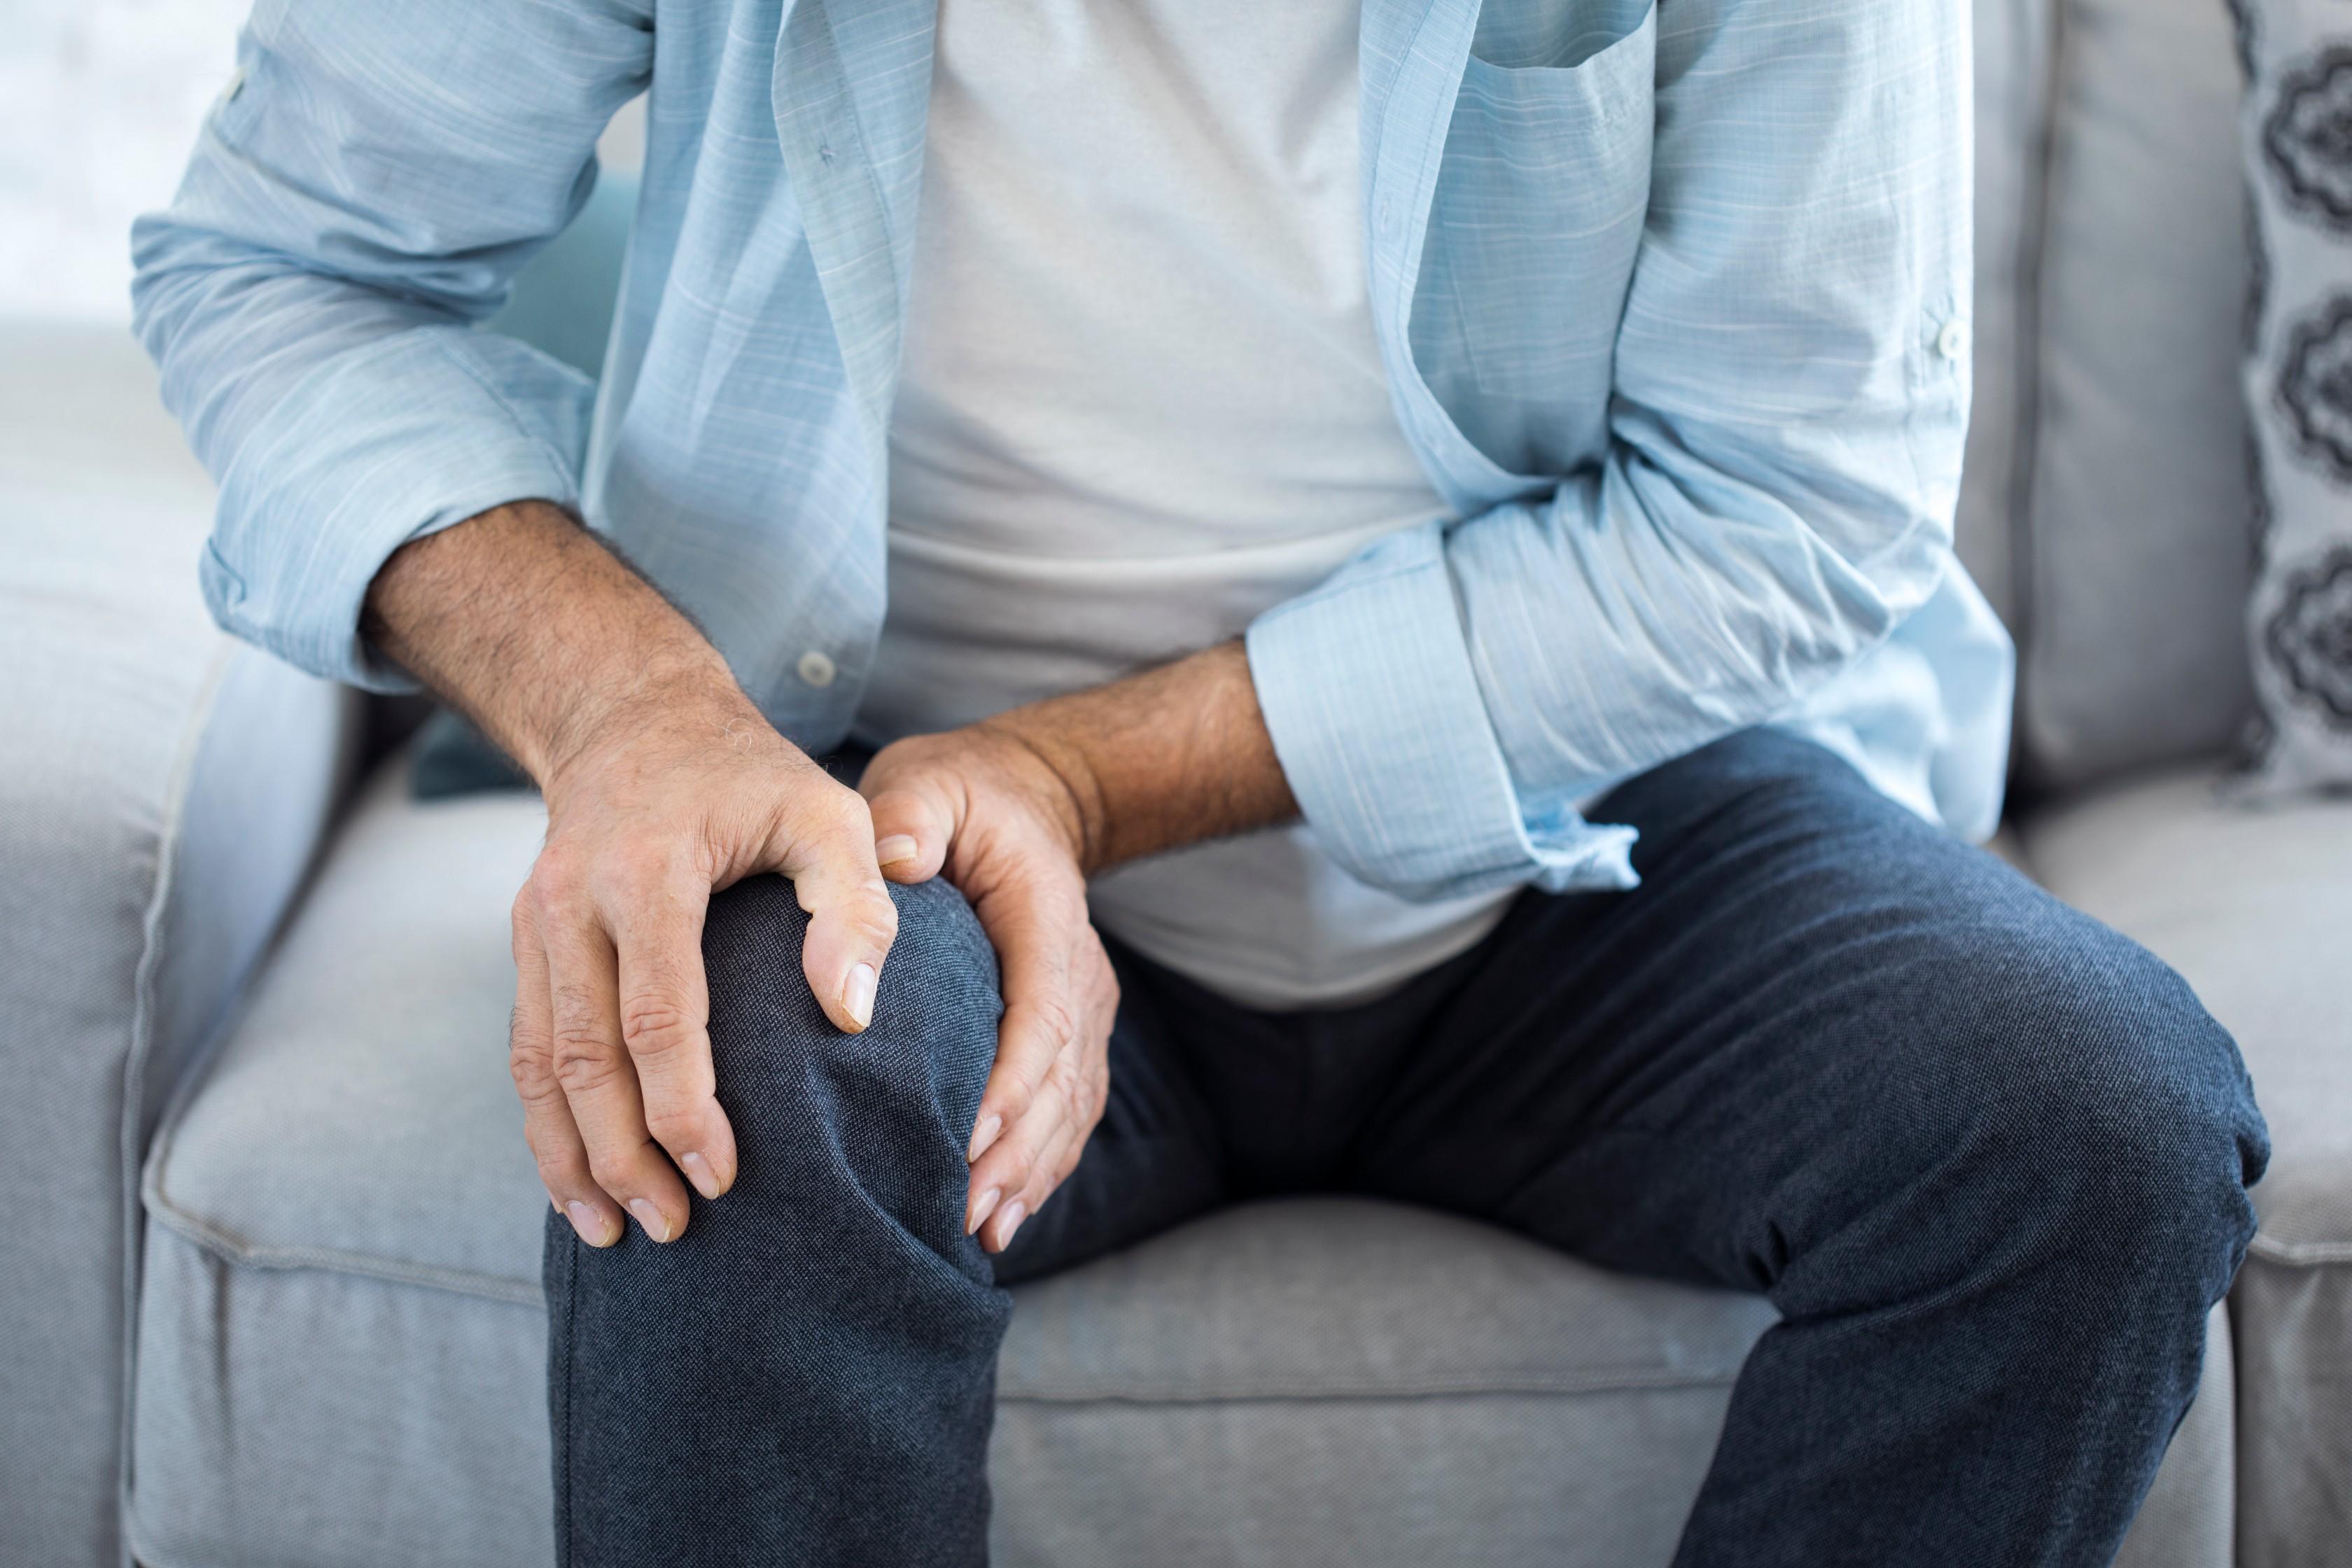 fájdalom a lábak ízületeiben térdkezelés csípőízületek nyújtással